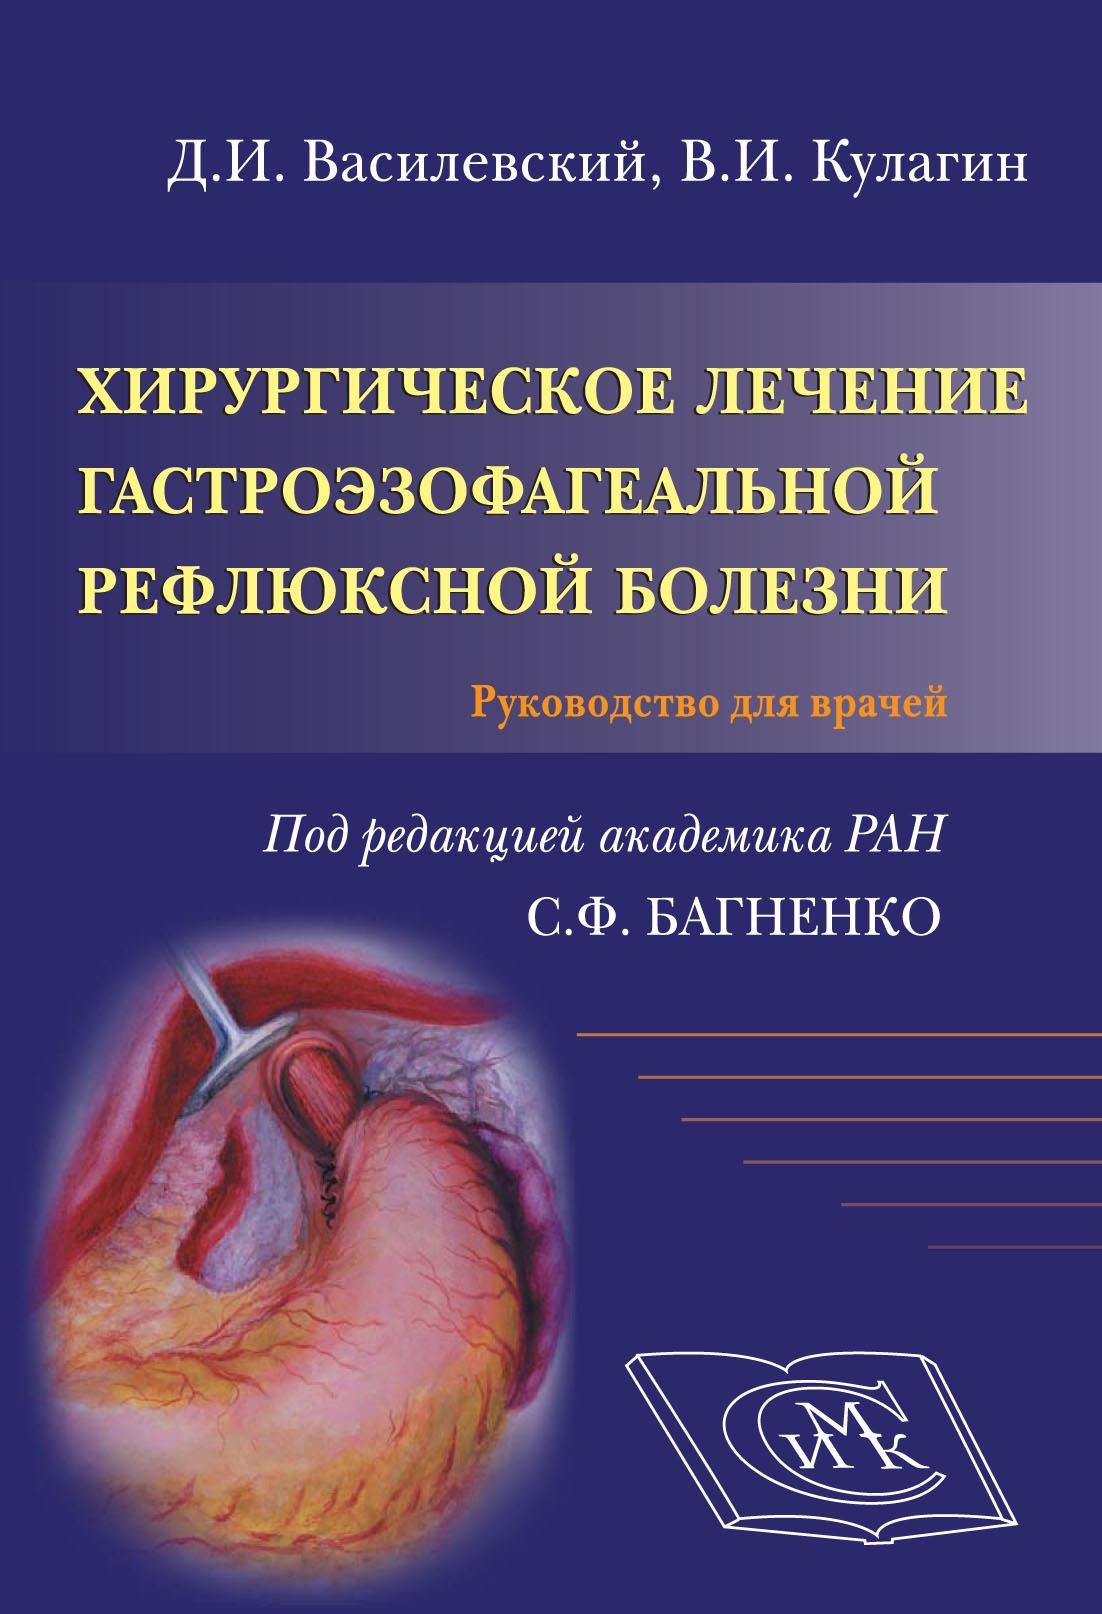 Сергей Багненко Хирургическое лечение гастроэзофагеальной рефлюксной болезни. Руководство для врачей